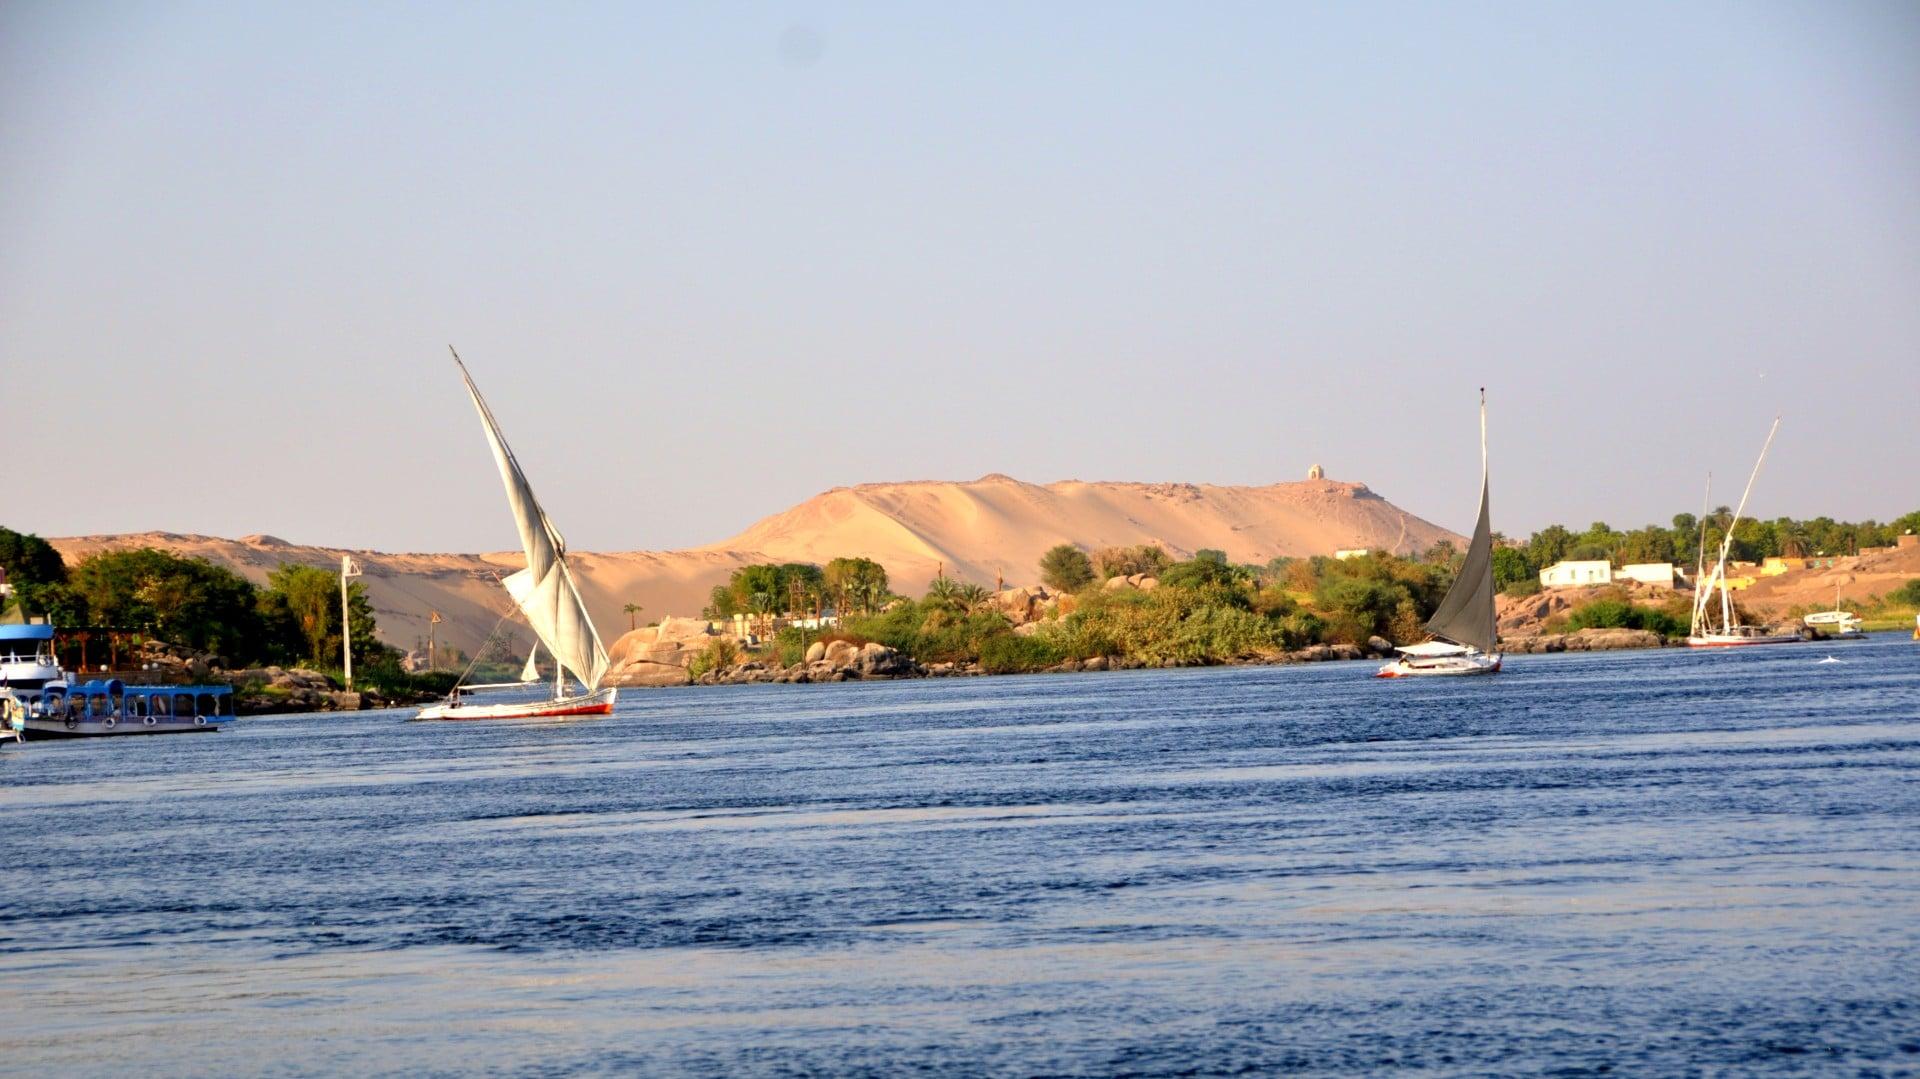 Croisière sur le Nil en felouque - Pohto principale Qui sommes nous